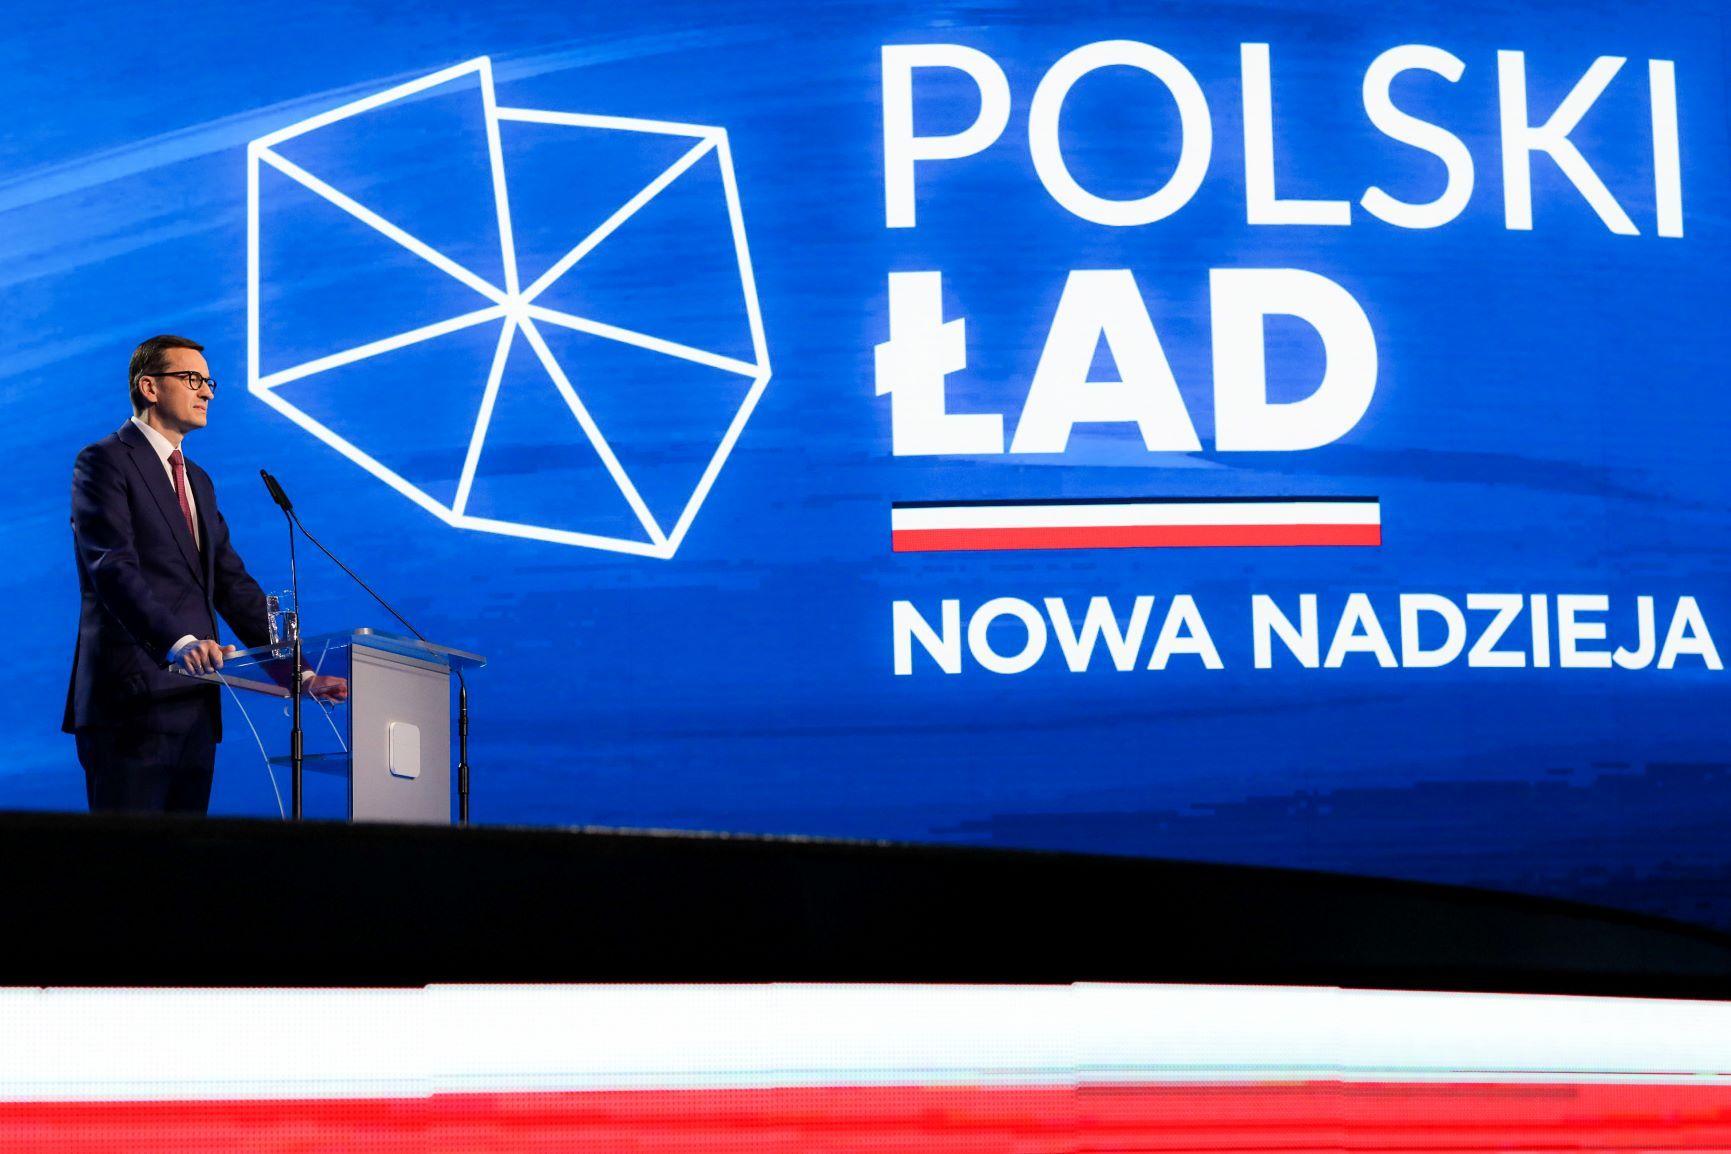 Pracodawcy nie dojdą raczej do ładu z Polskim Ładem…